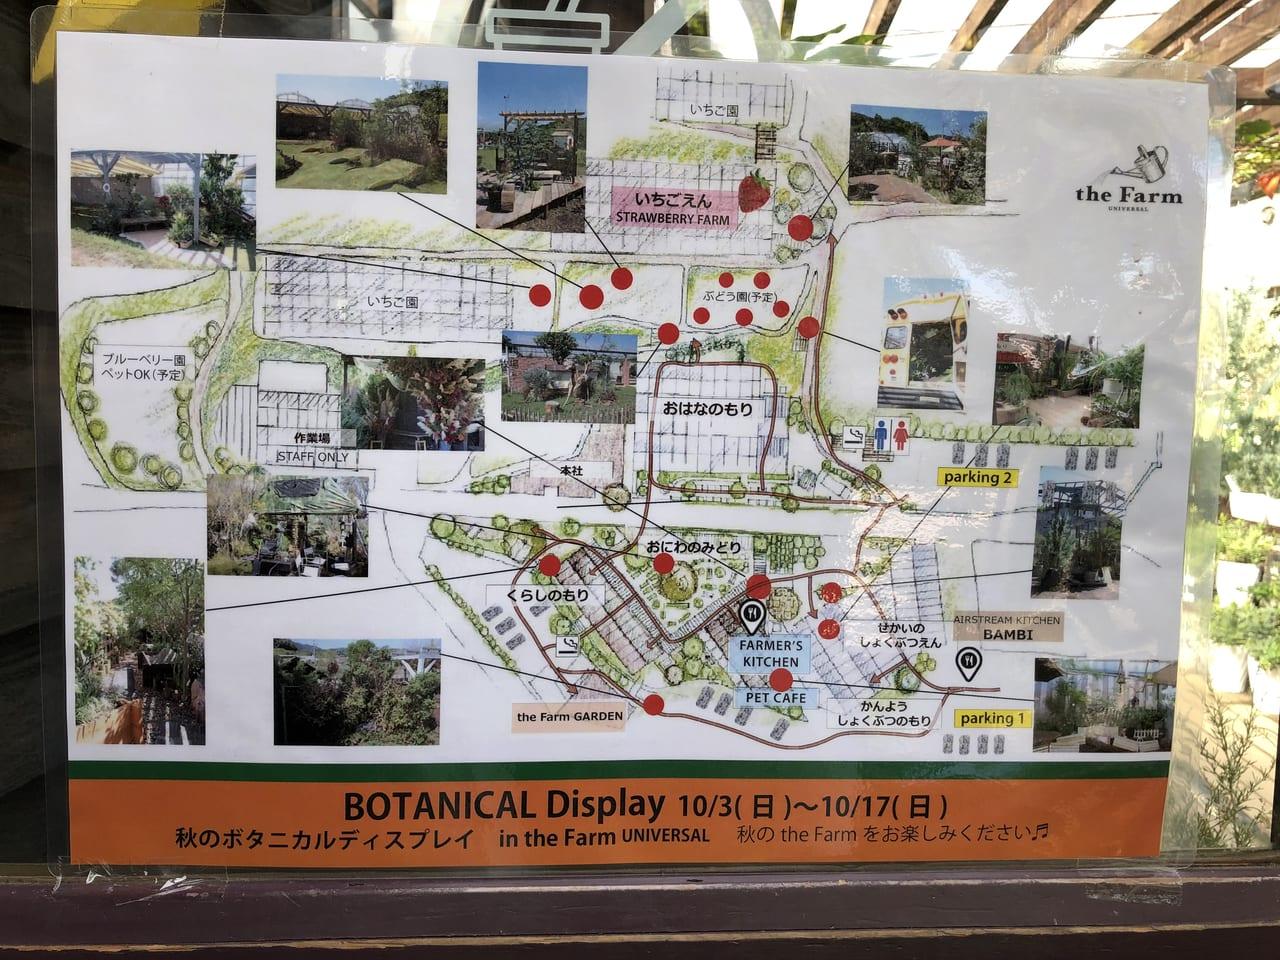 展示場所の地図